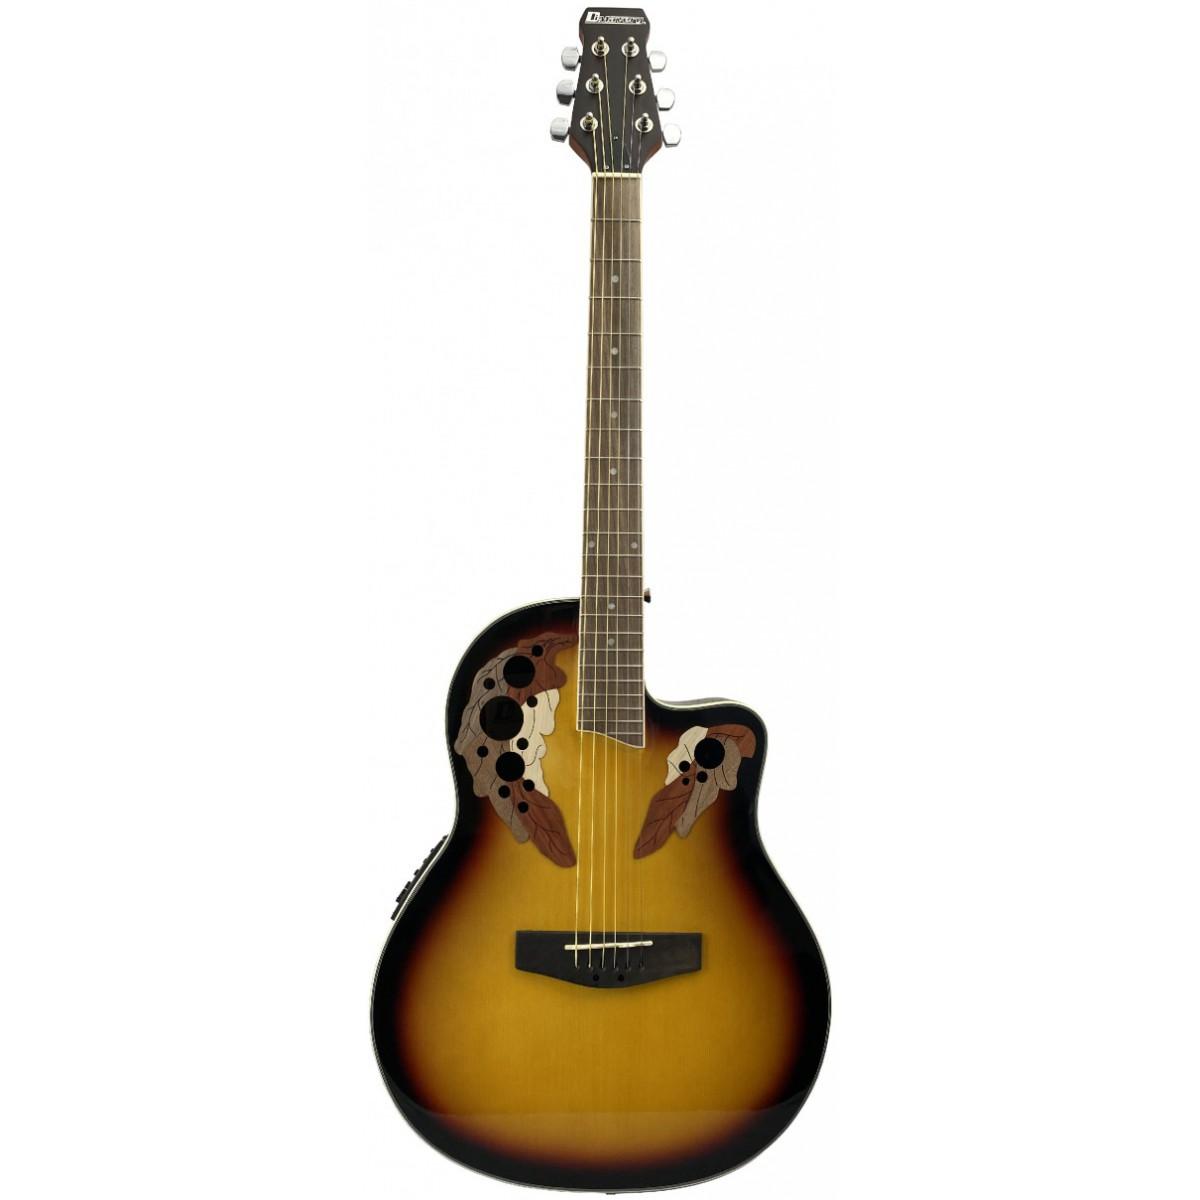 Dimavery OV-500, kytara elektroakustická typu Ovation, stínovaná